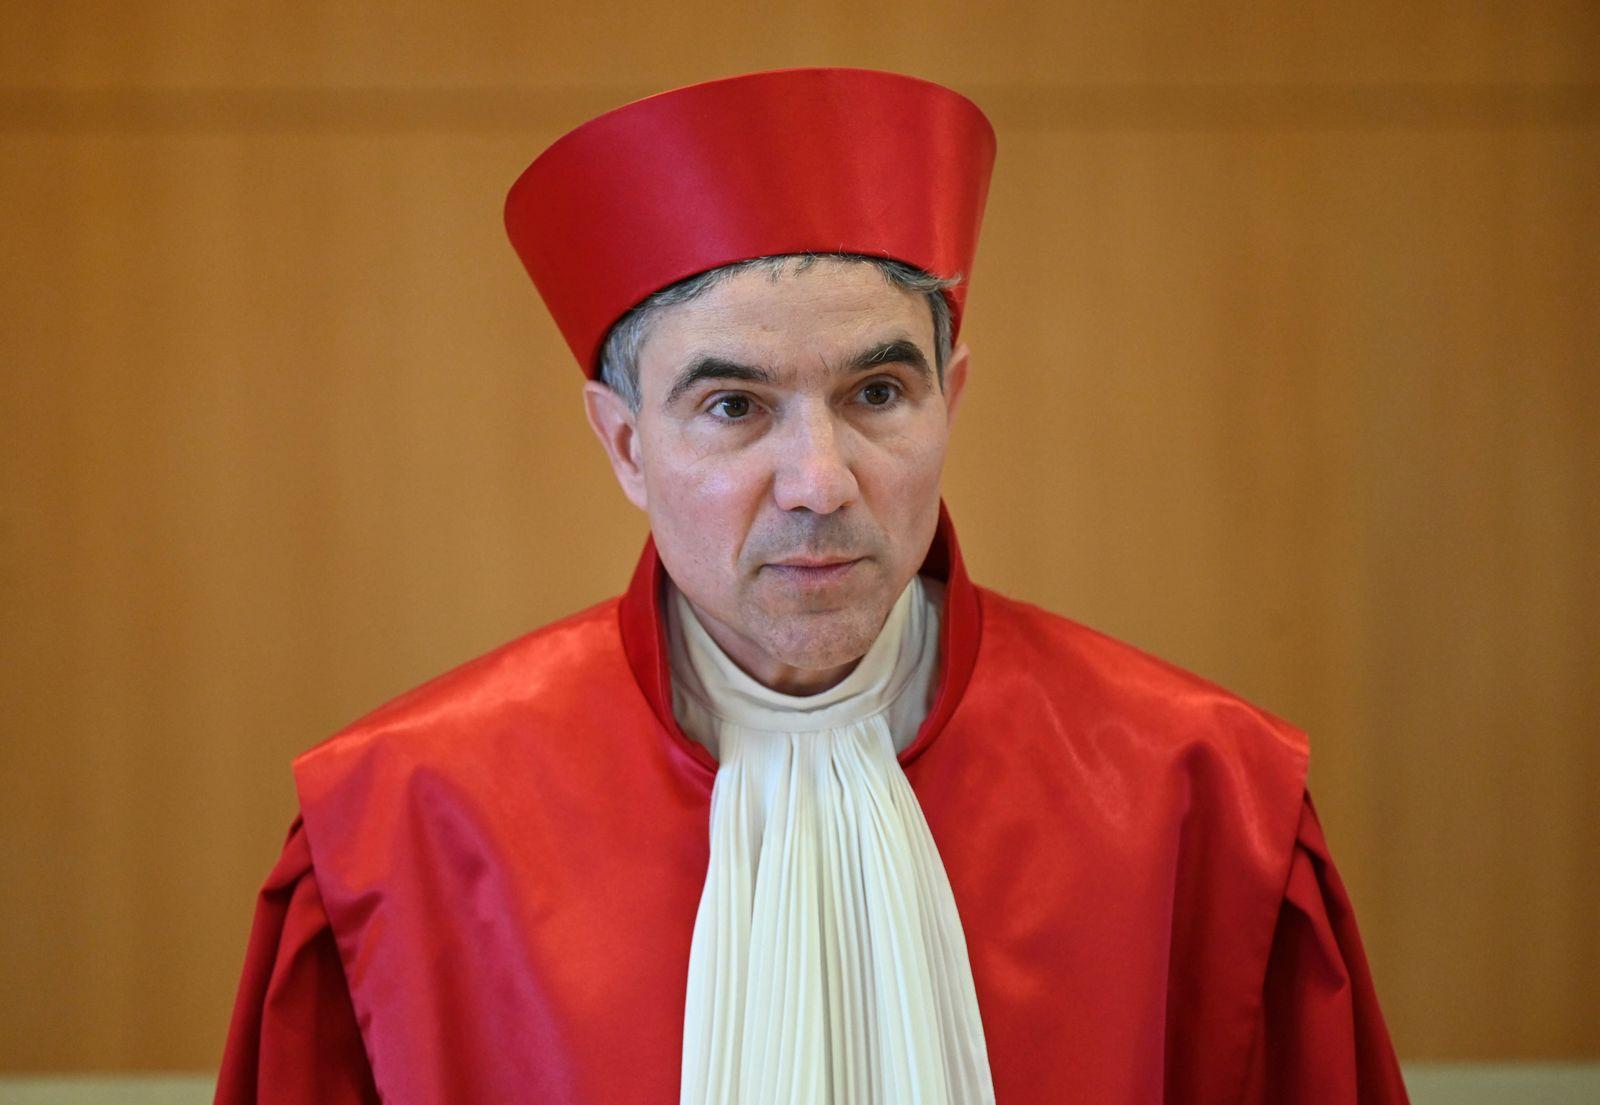 Bundesverfassungsgericht gibt Klage gegen BND-Befugnisse statt